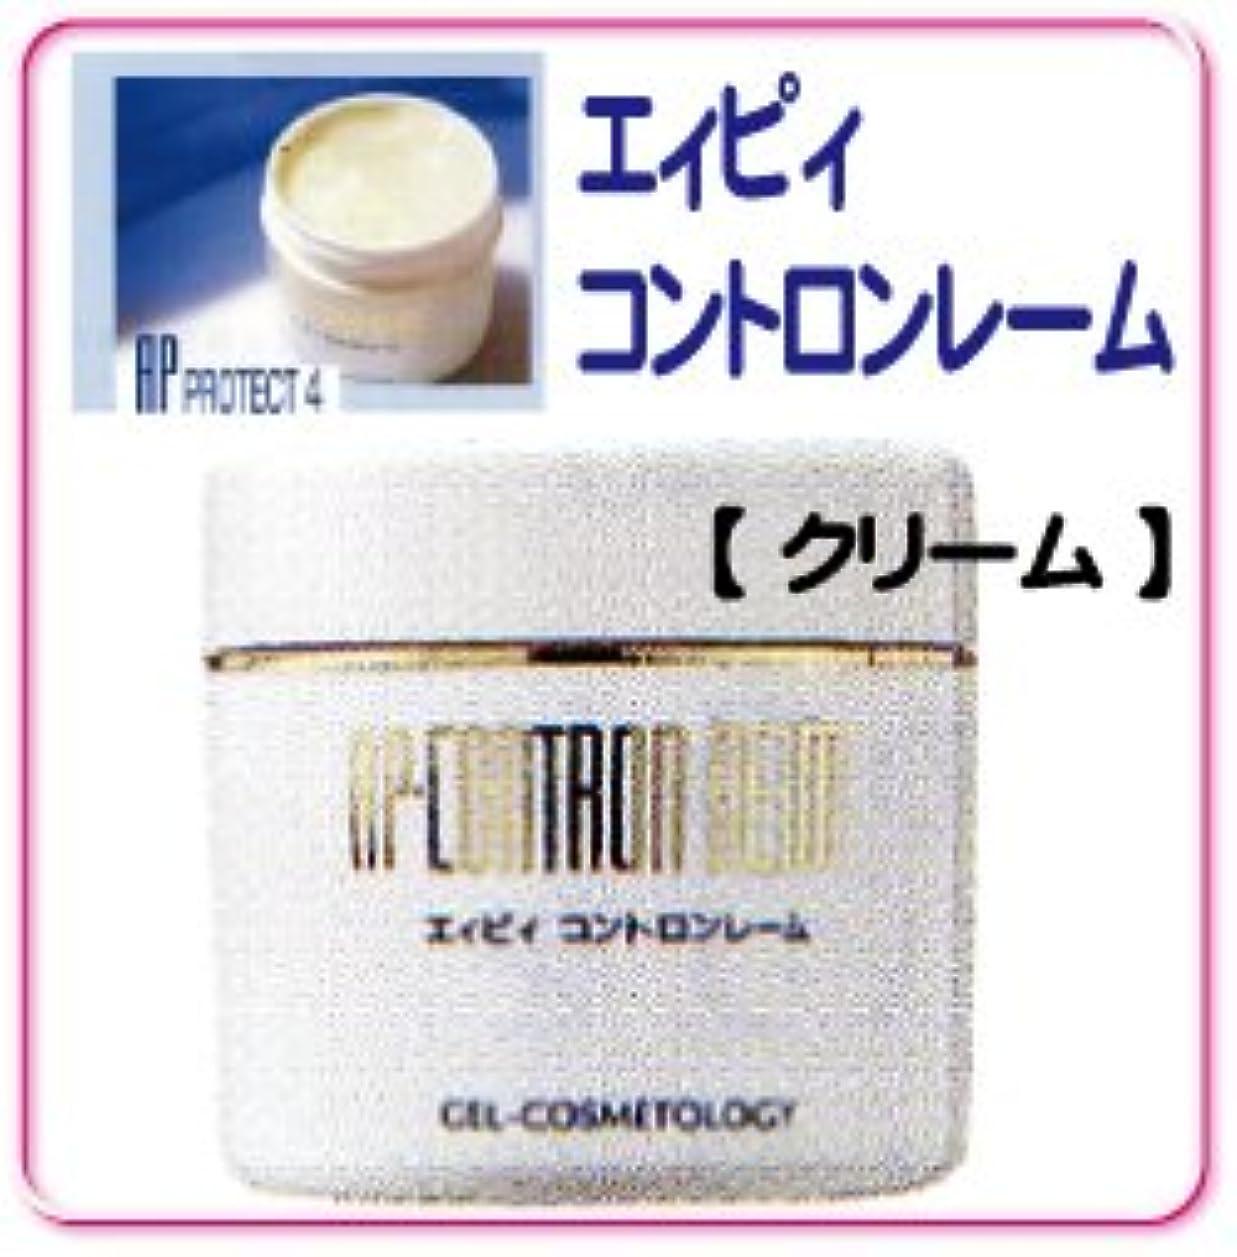 マチュピチュの中でパークベルマン化粧品 APprotectシリーズ  コントロンレーム  敏感肌用クリーム 110g